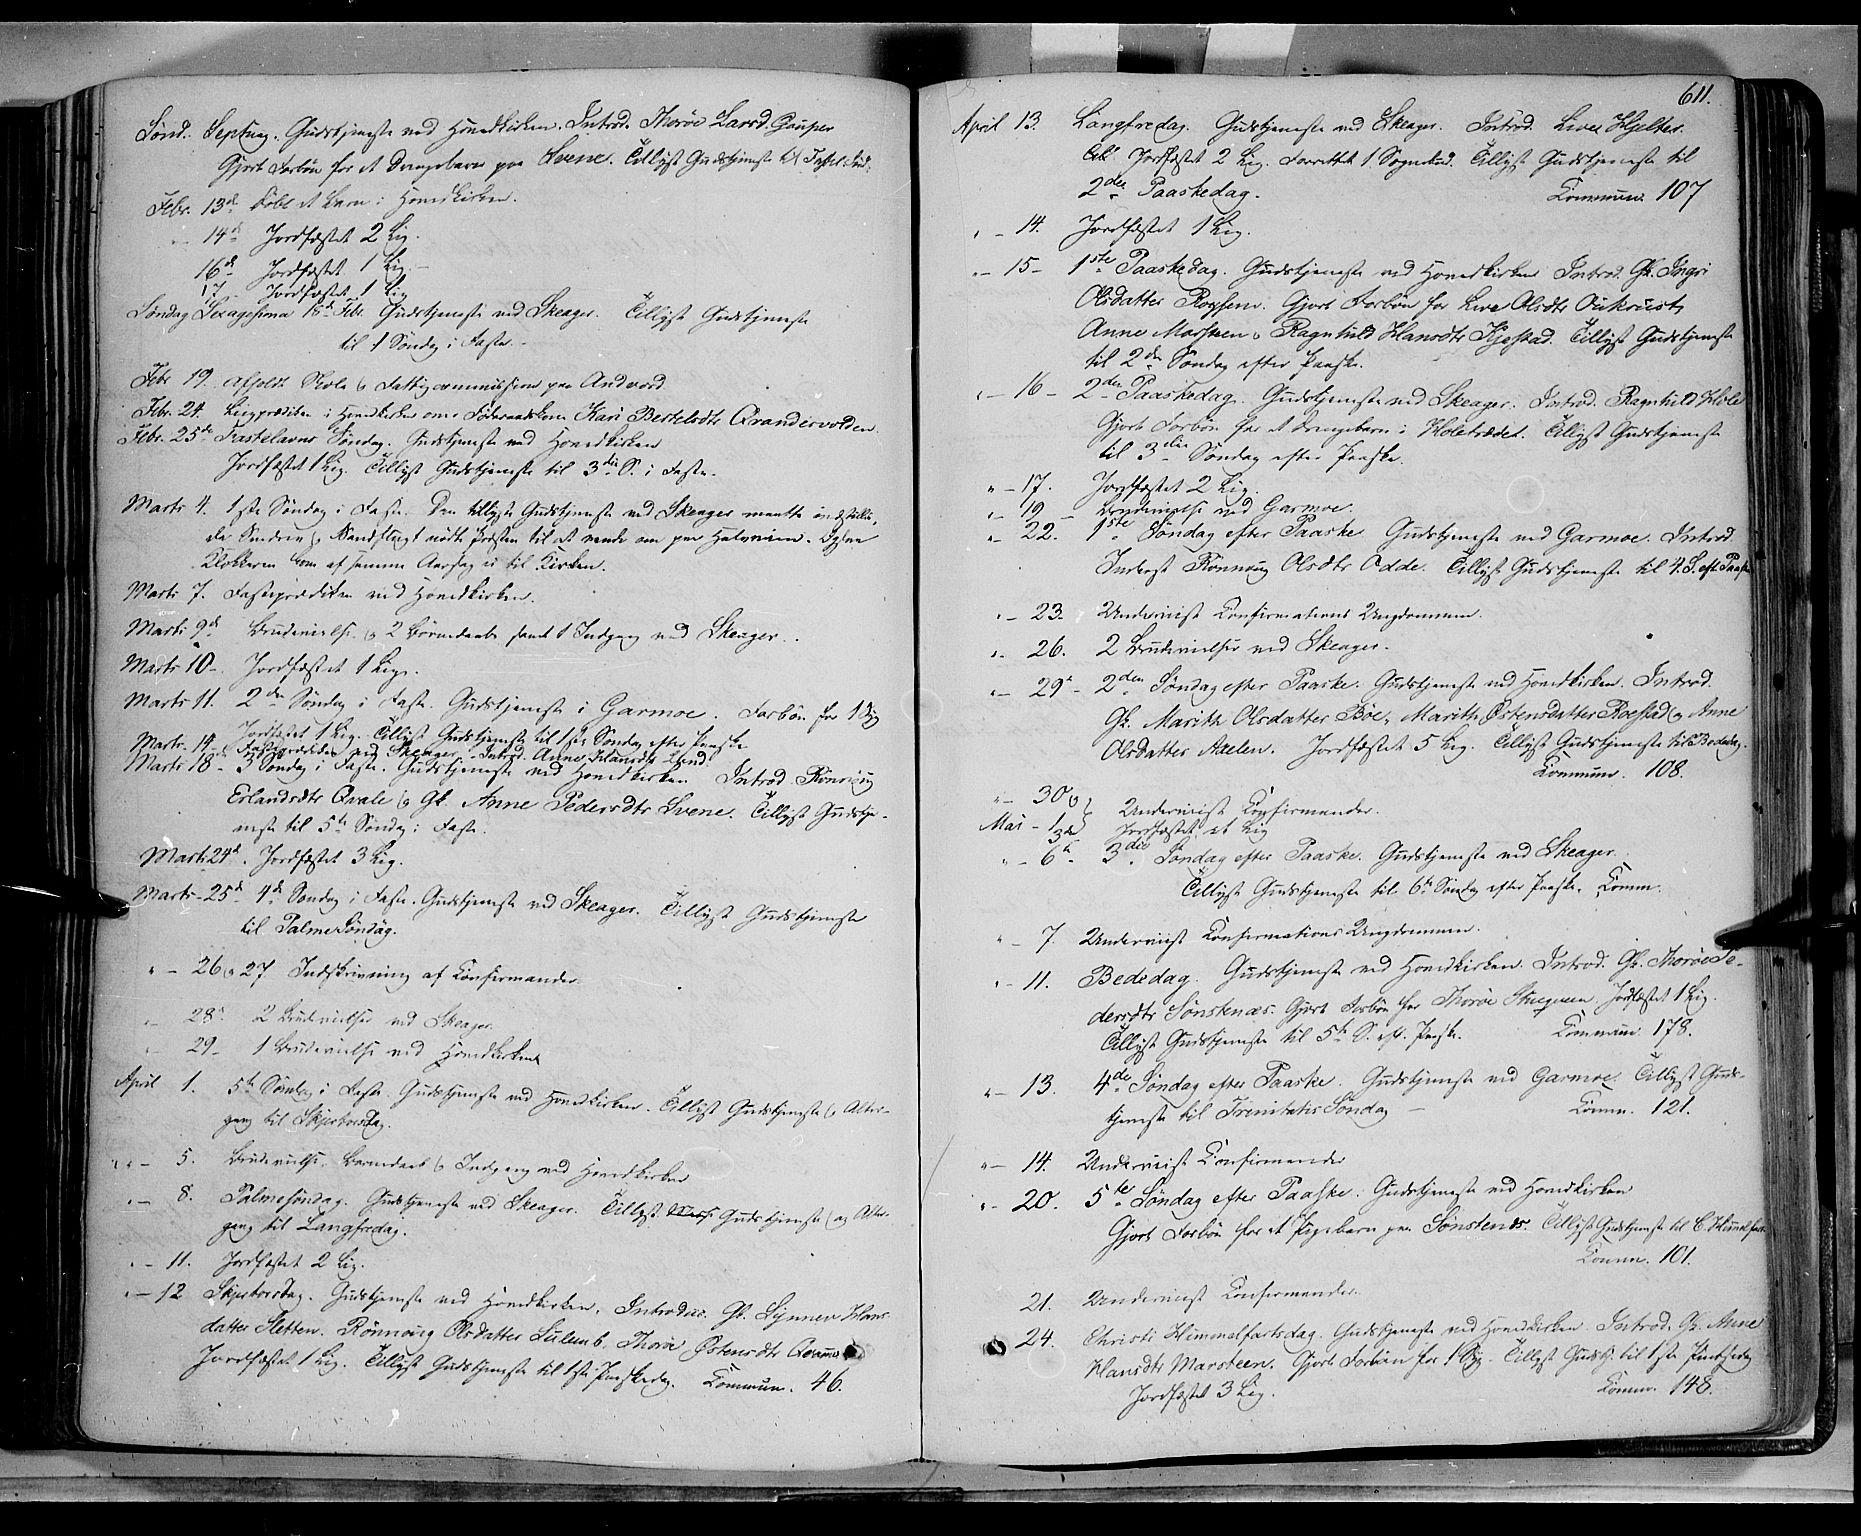 SAH, Lom prestekontor, K/L0006: Ministerialbok nr. 6B, 1837-1863, s. 611